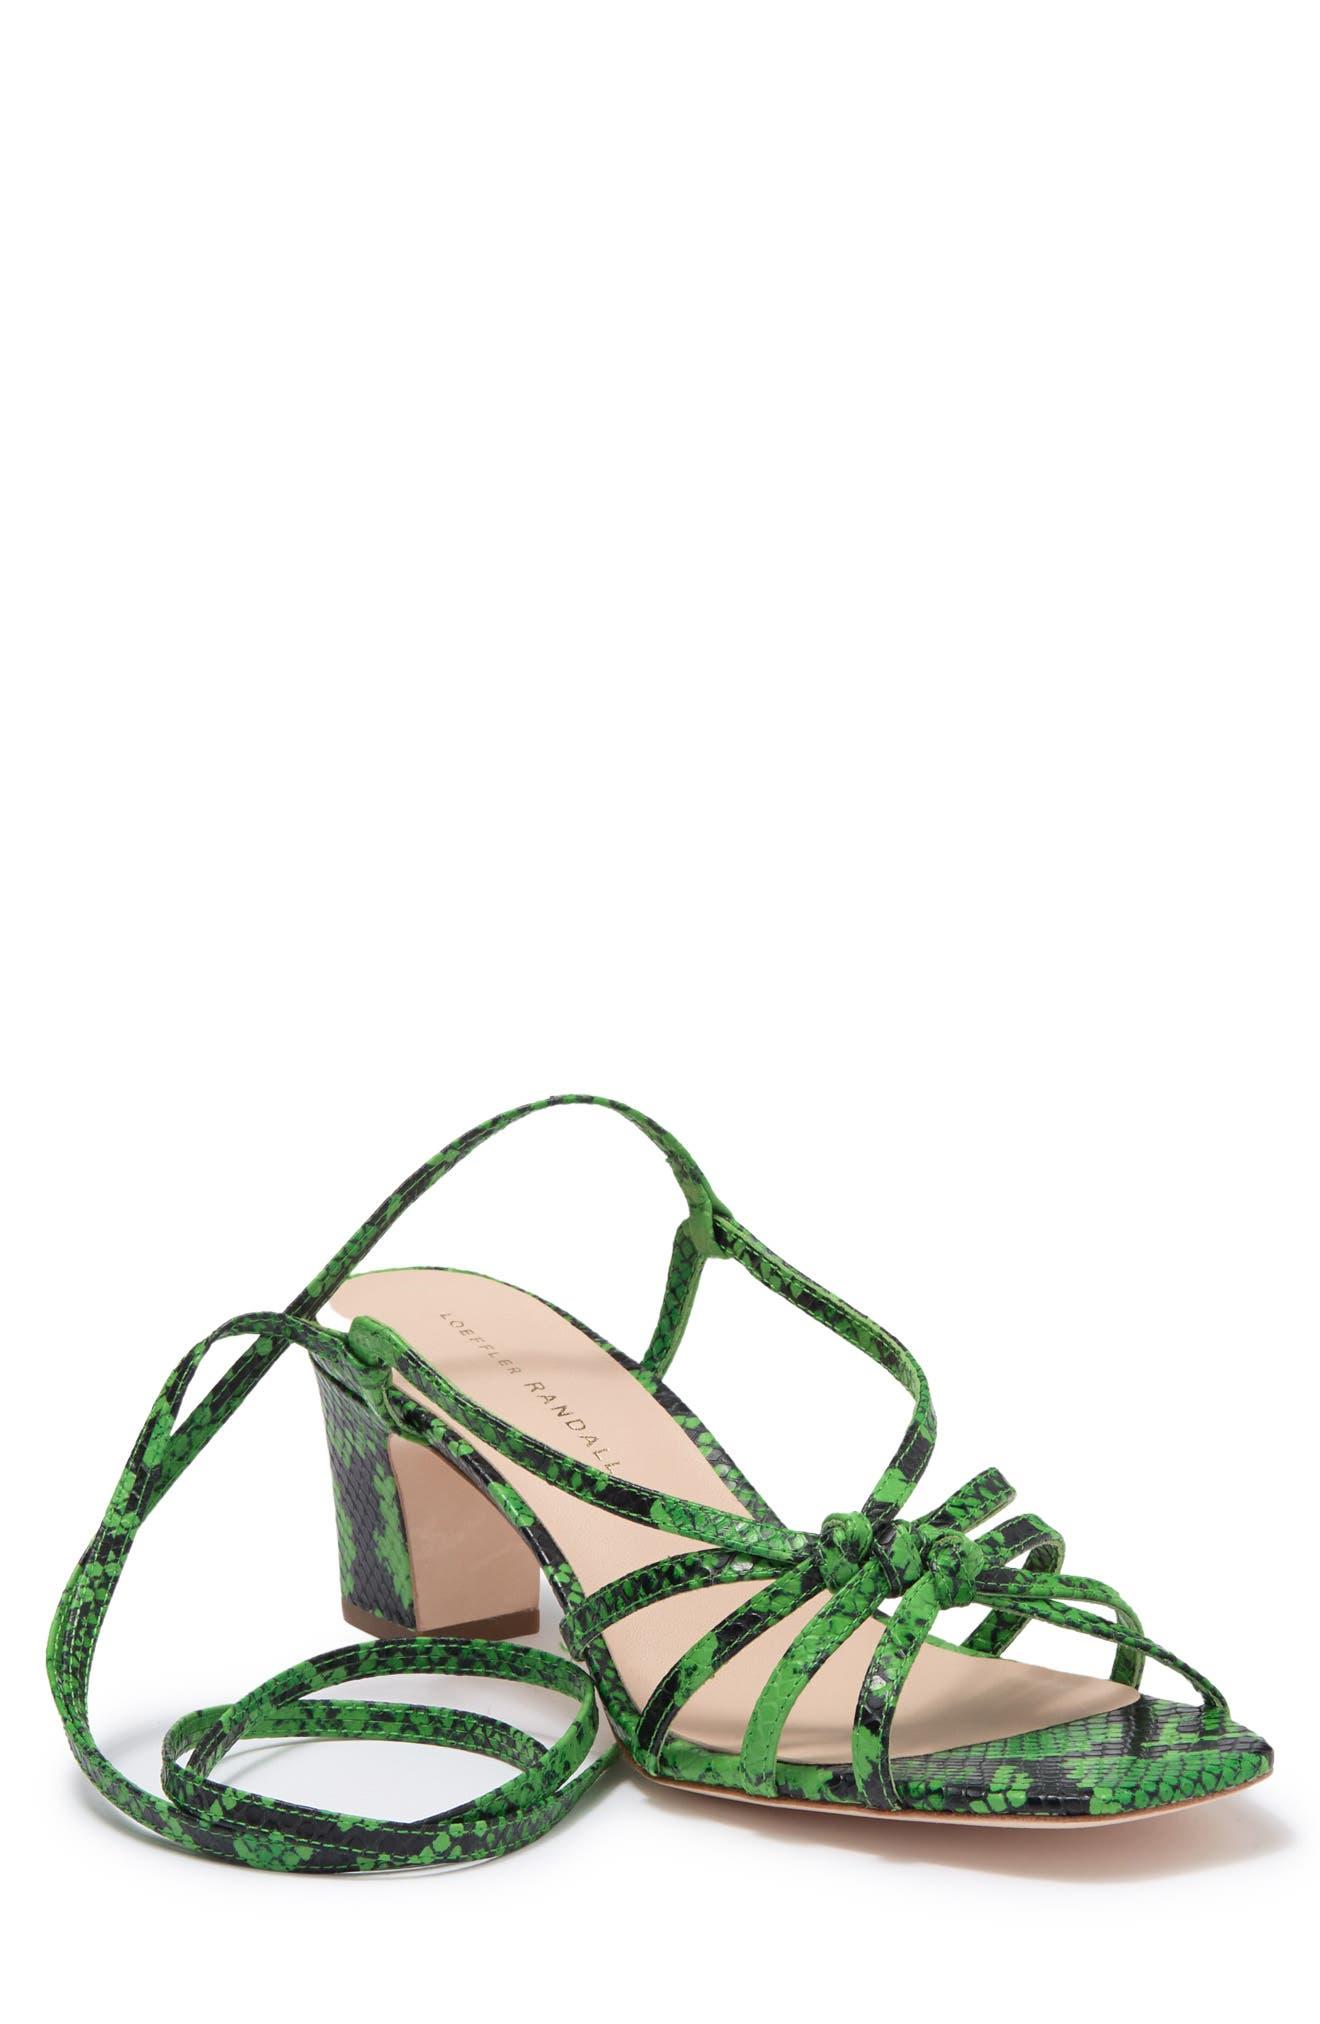 Image of LOEFFLER RANDALL Libby Snake Embossed Sandal